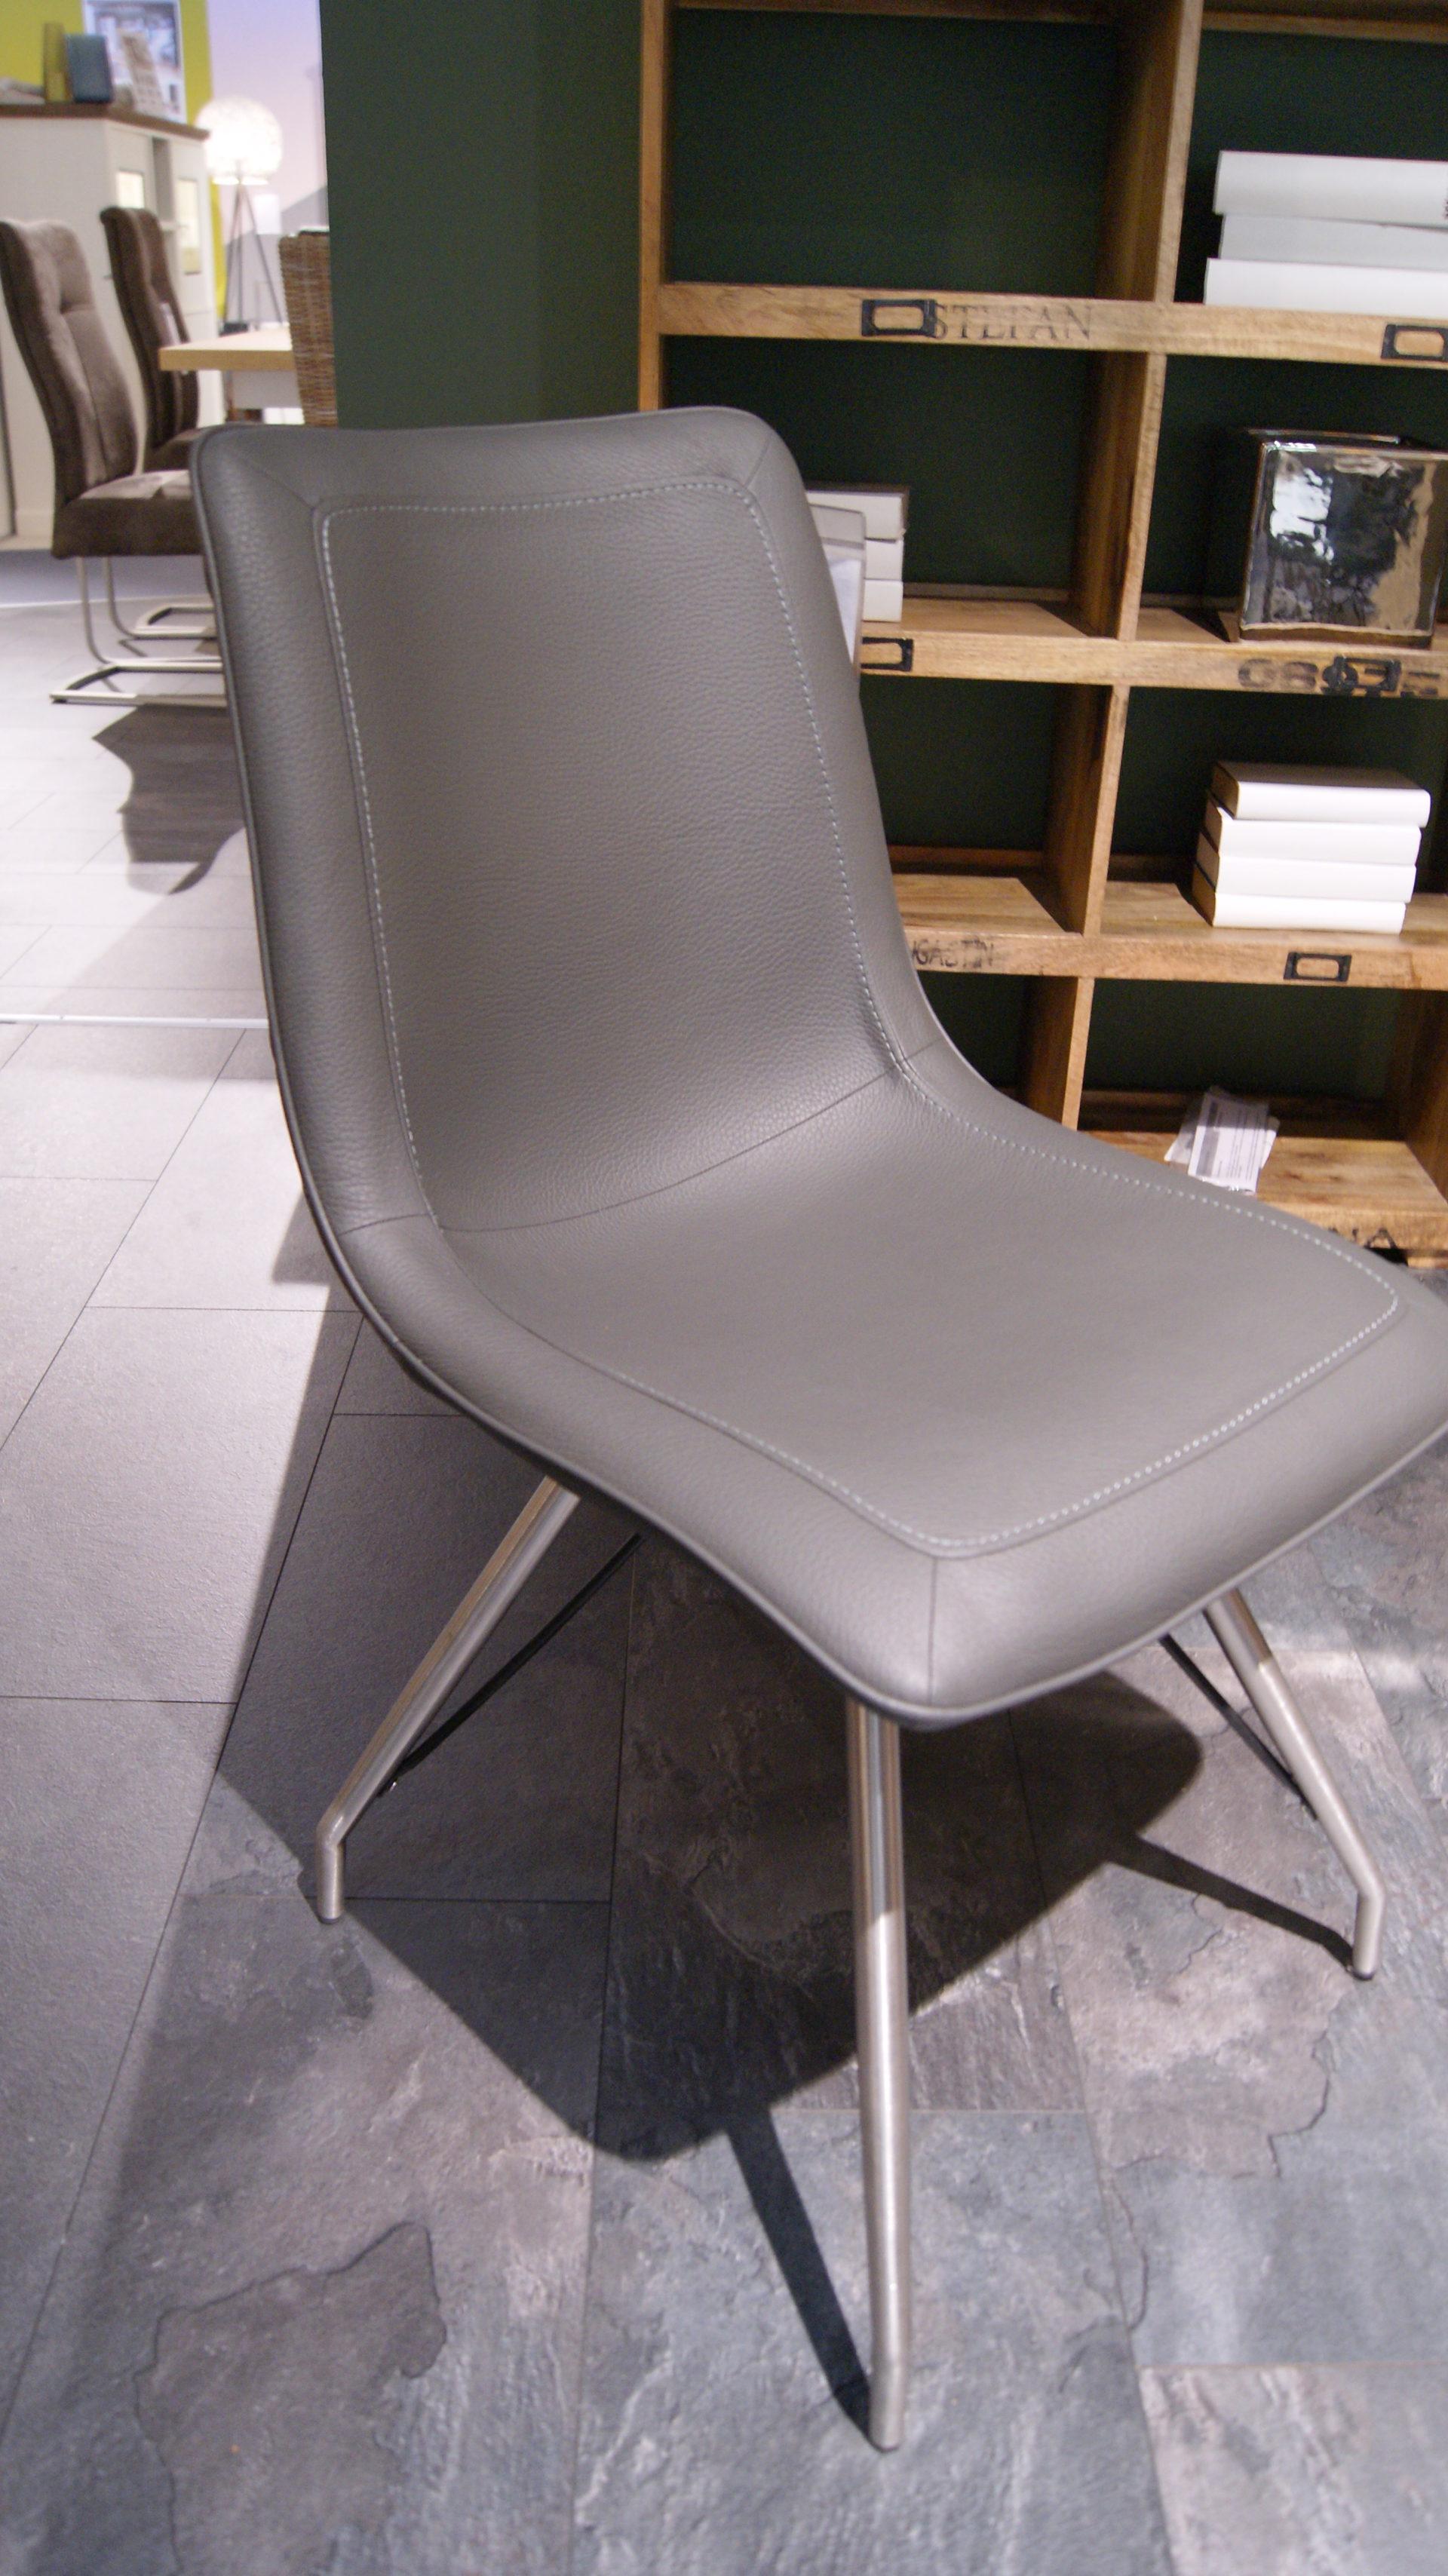 Möbel Busch Räume Küche Stühle Bänke Möbel Busch Stuhl